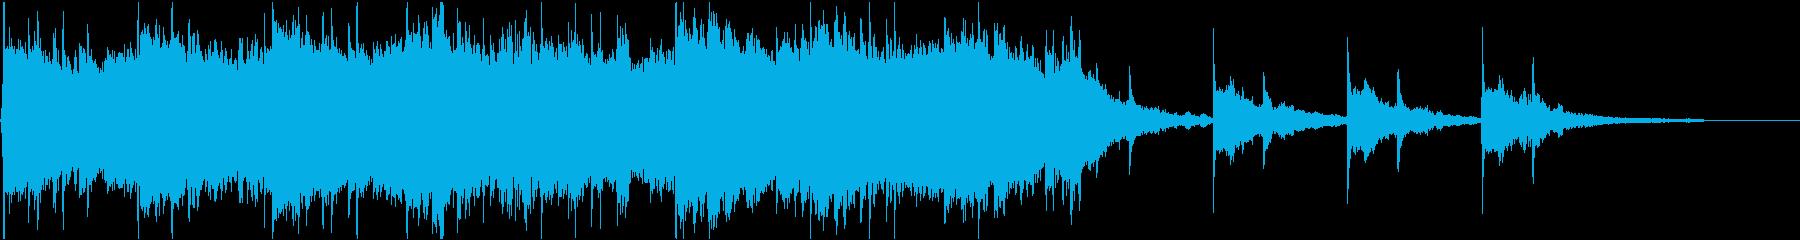 エモロック系ギターピアノインストの再生済みの波形